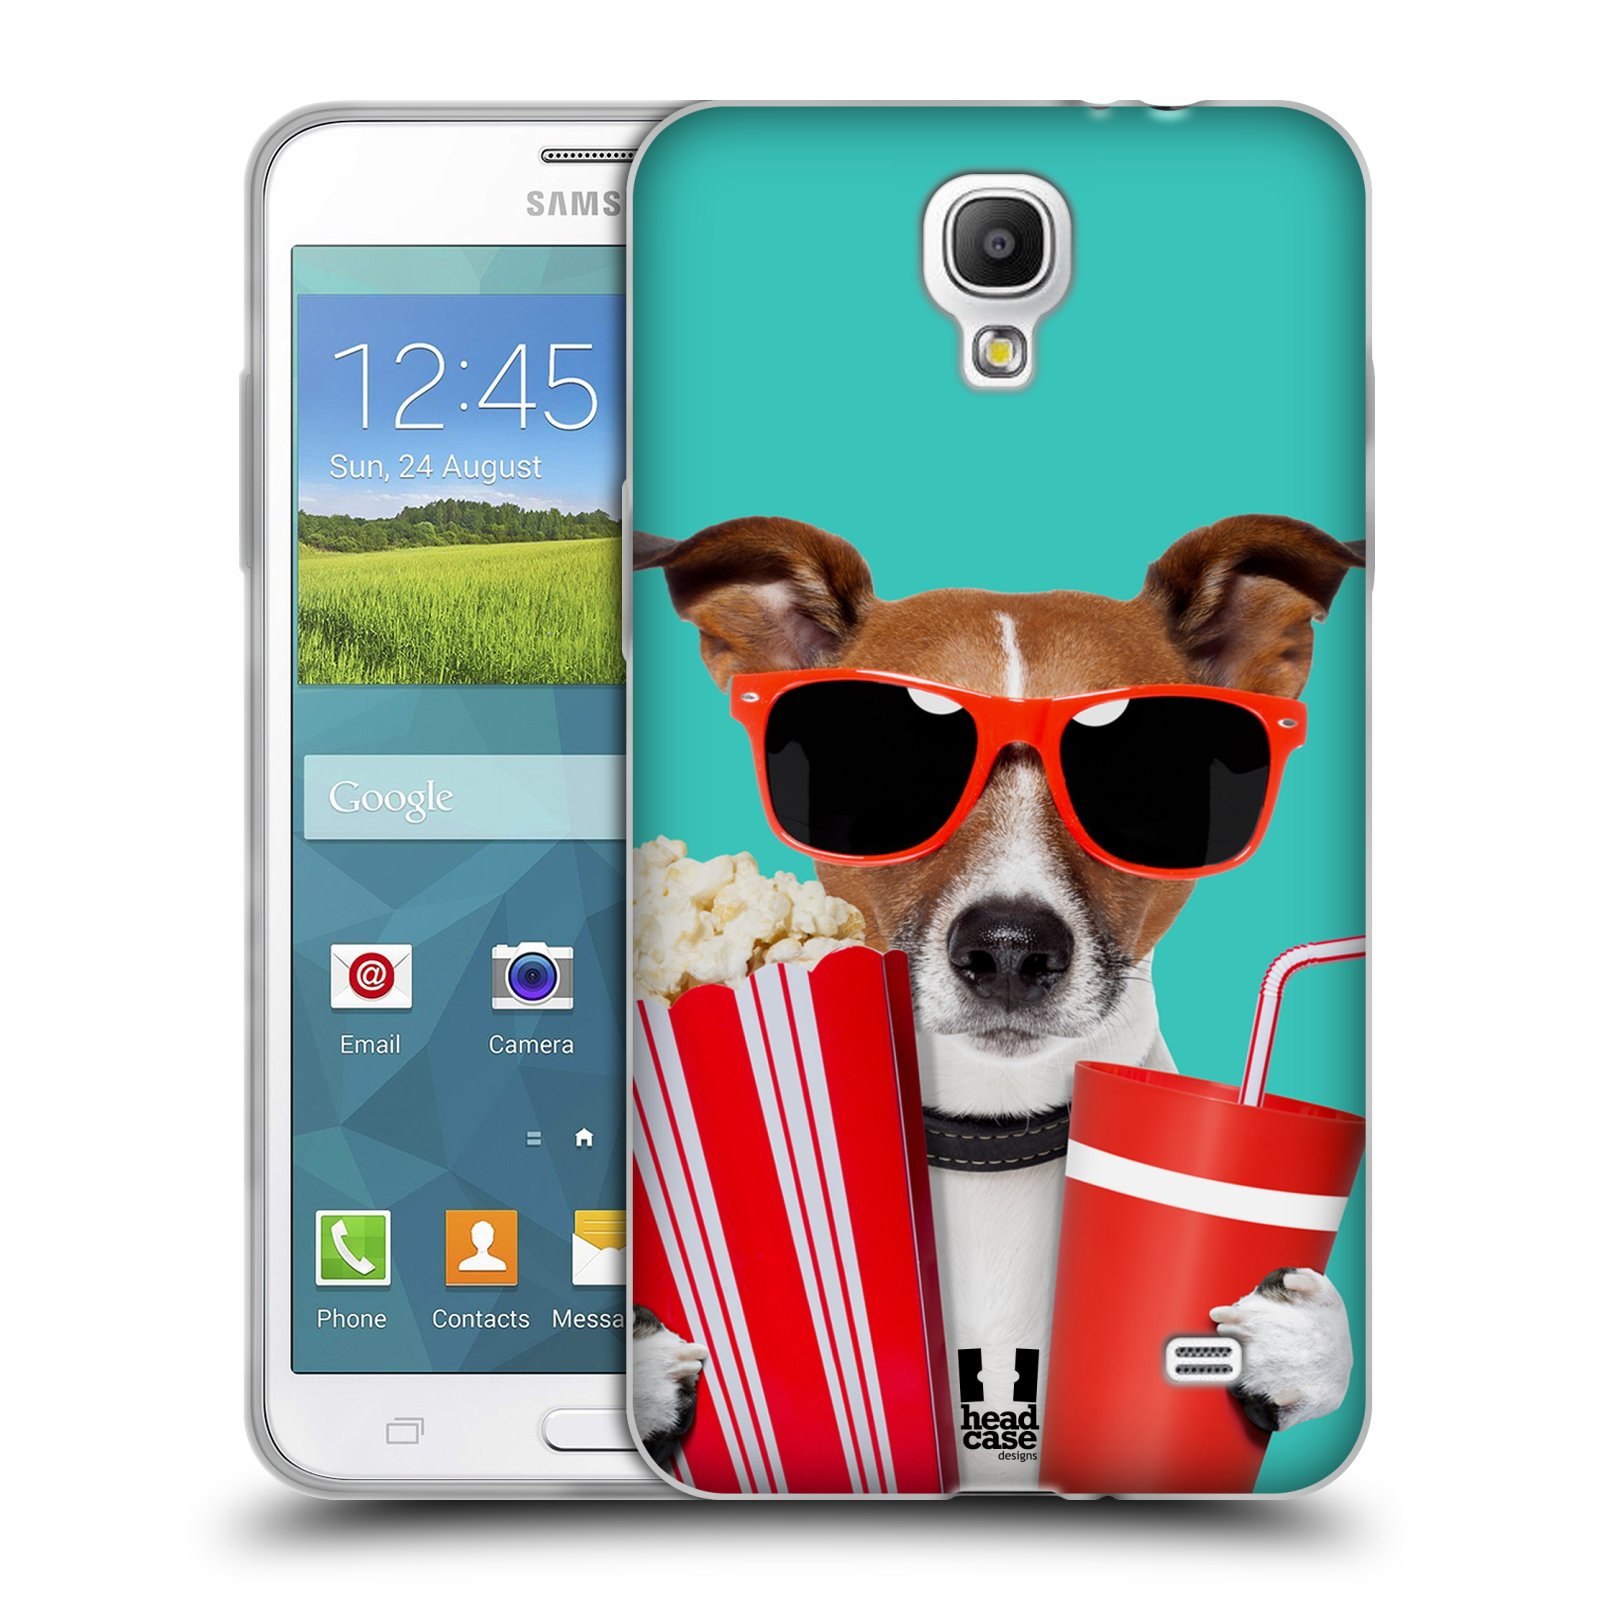 HEAD CASE silikonový obal na mobil Samsung Galaxy Mega 2 vzor Legrační zvířátka pejsek v kině s popkornem